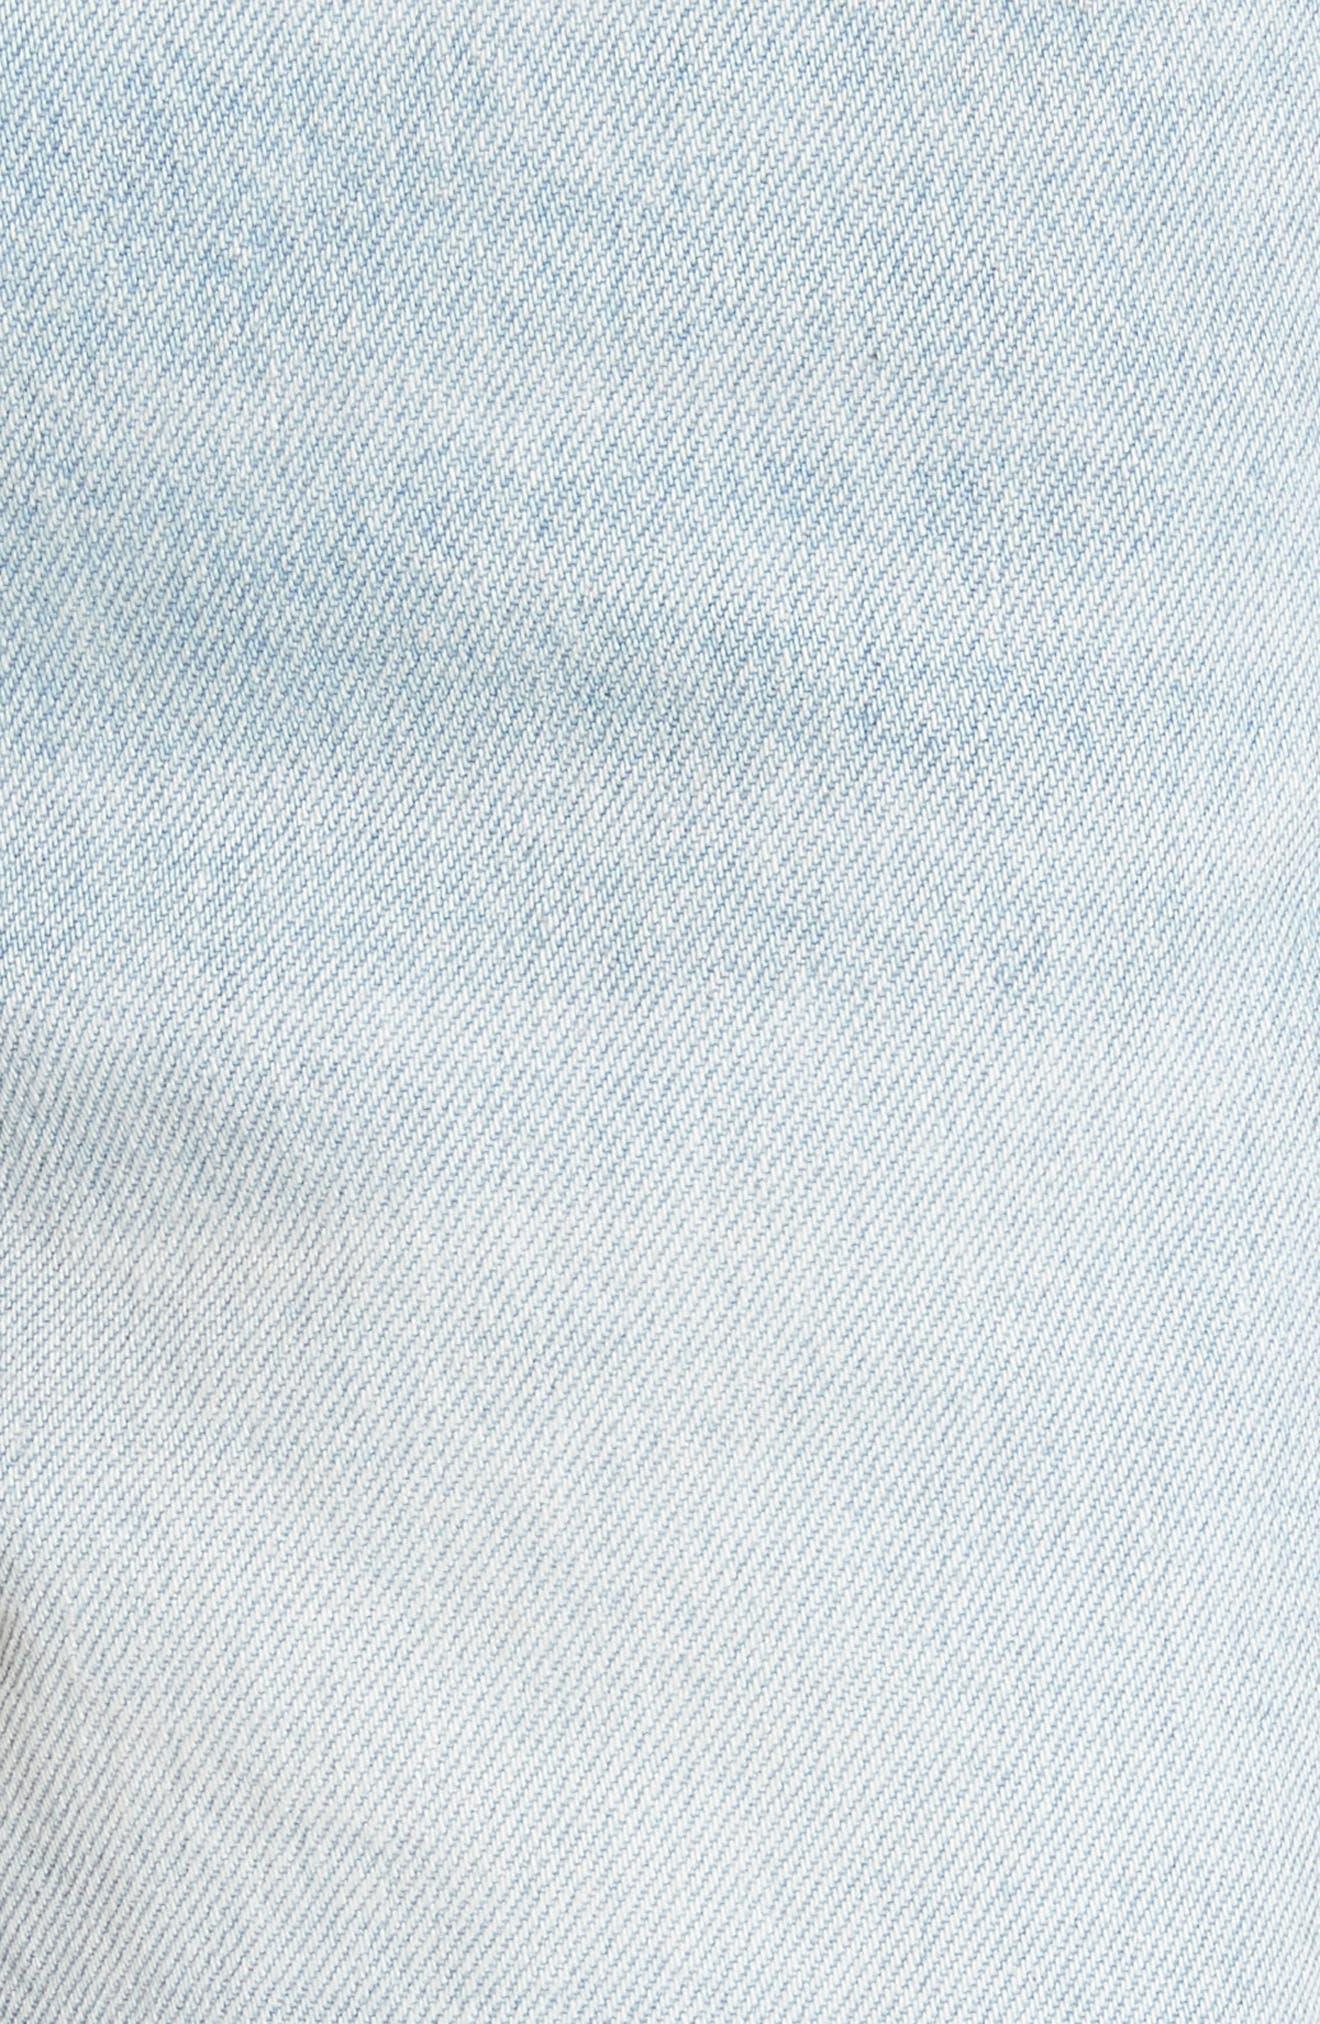 Rigid Re-Release - Le Original Shorts,                             Alternate thumbnail 6, color,                             453